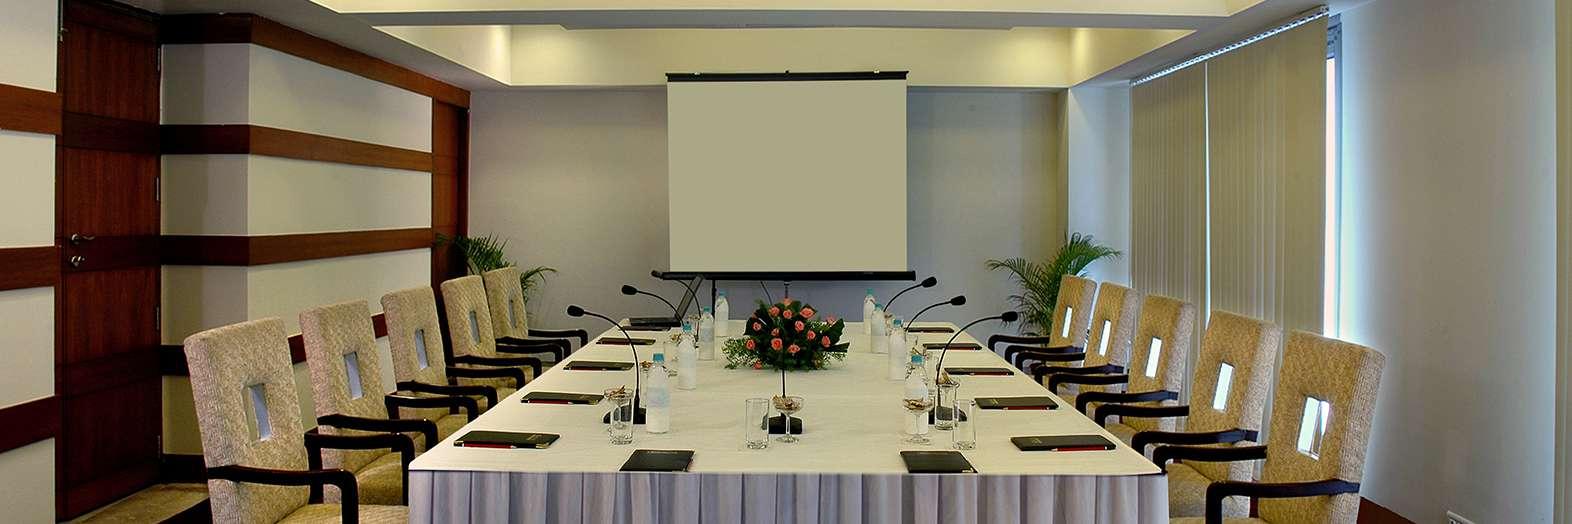 Fortune Inn Jukaso – Hotels in Pune Meeting Venue